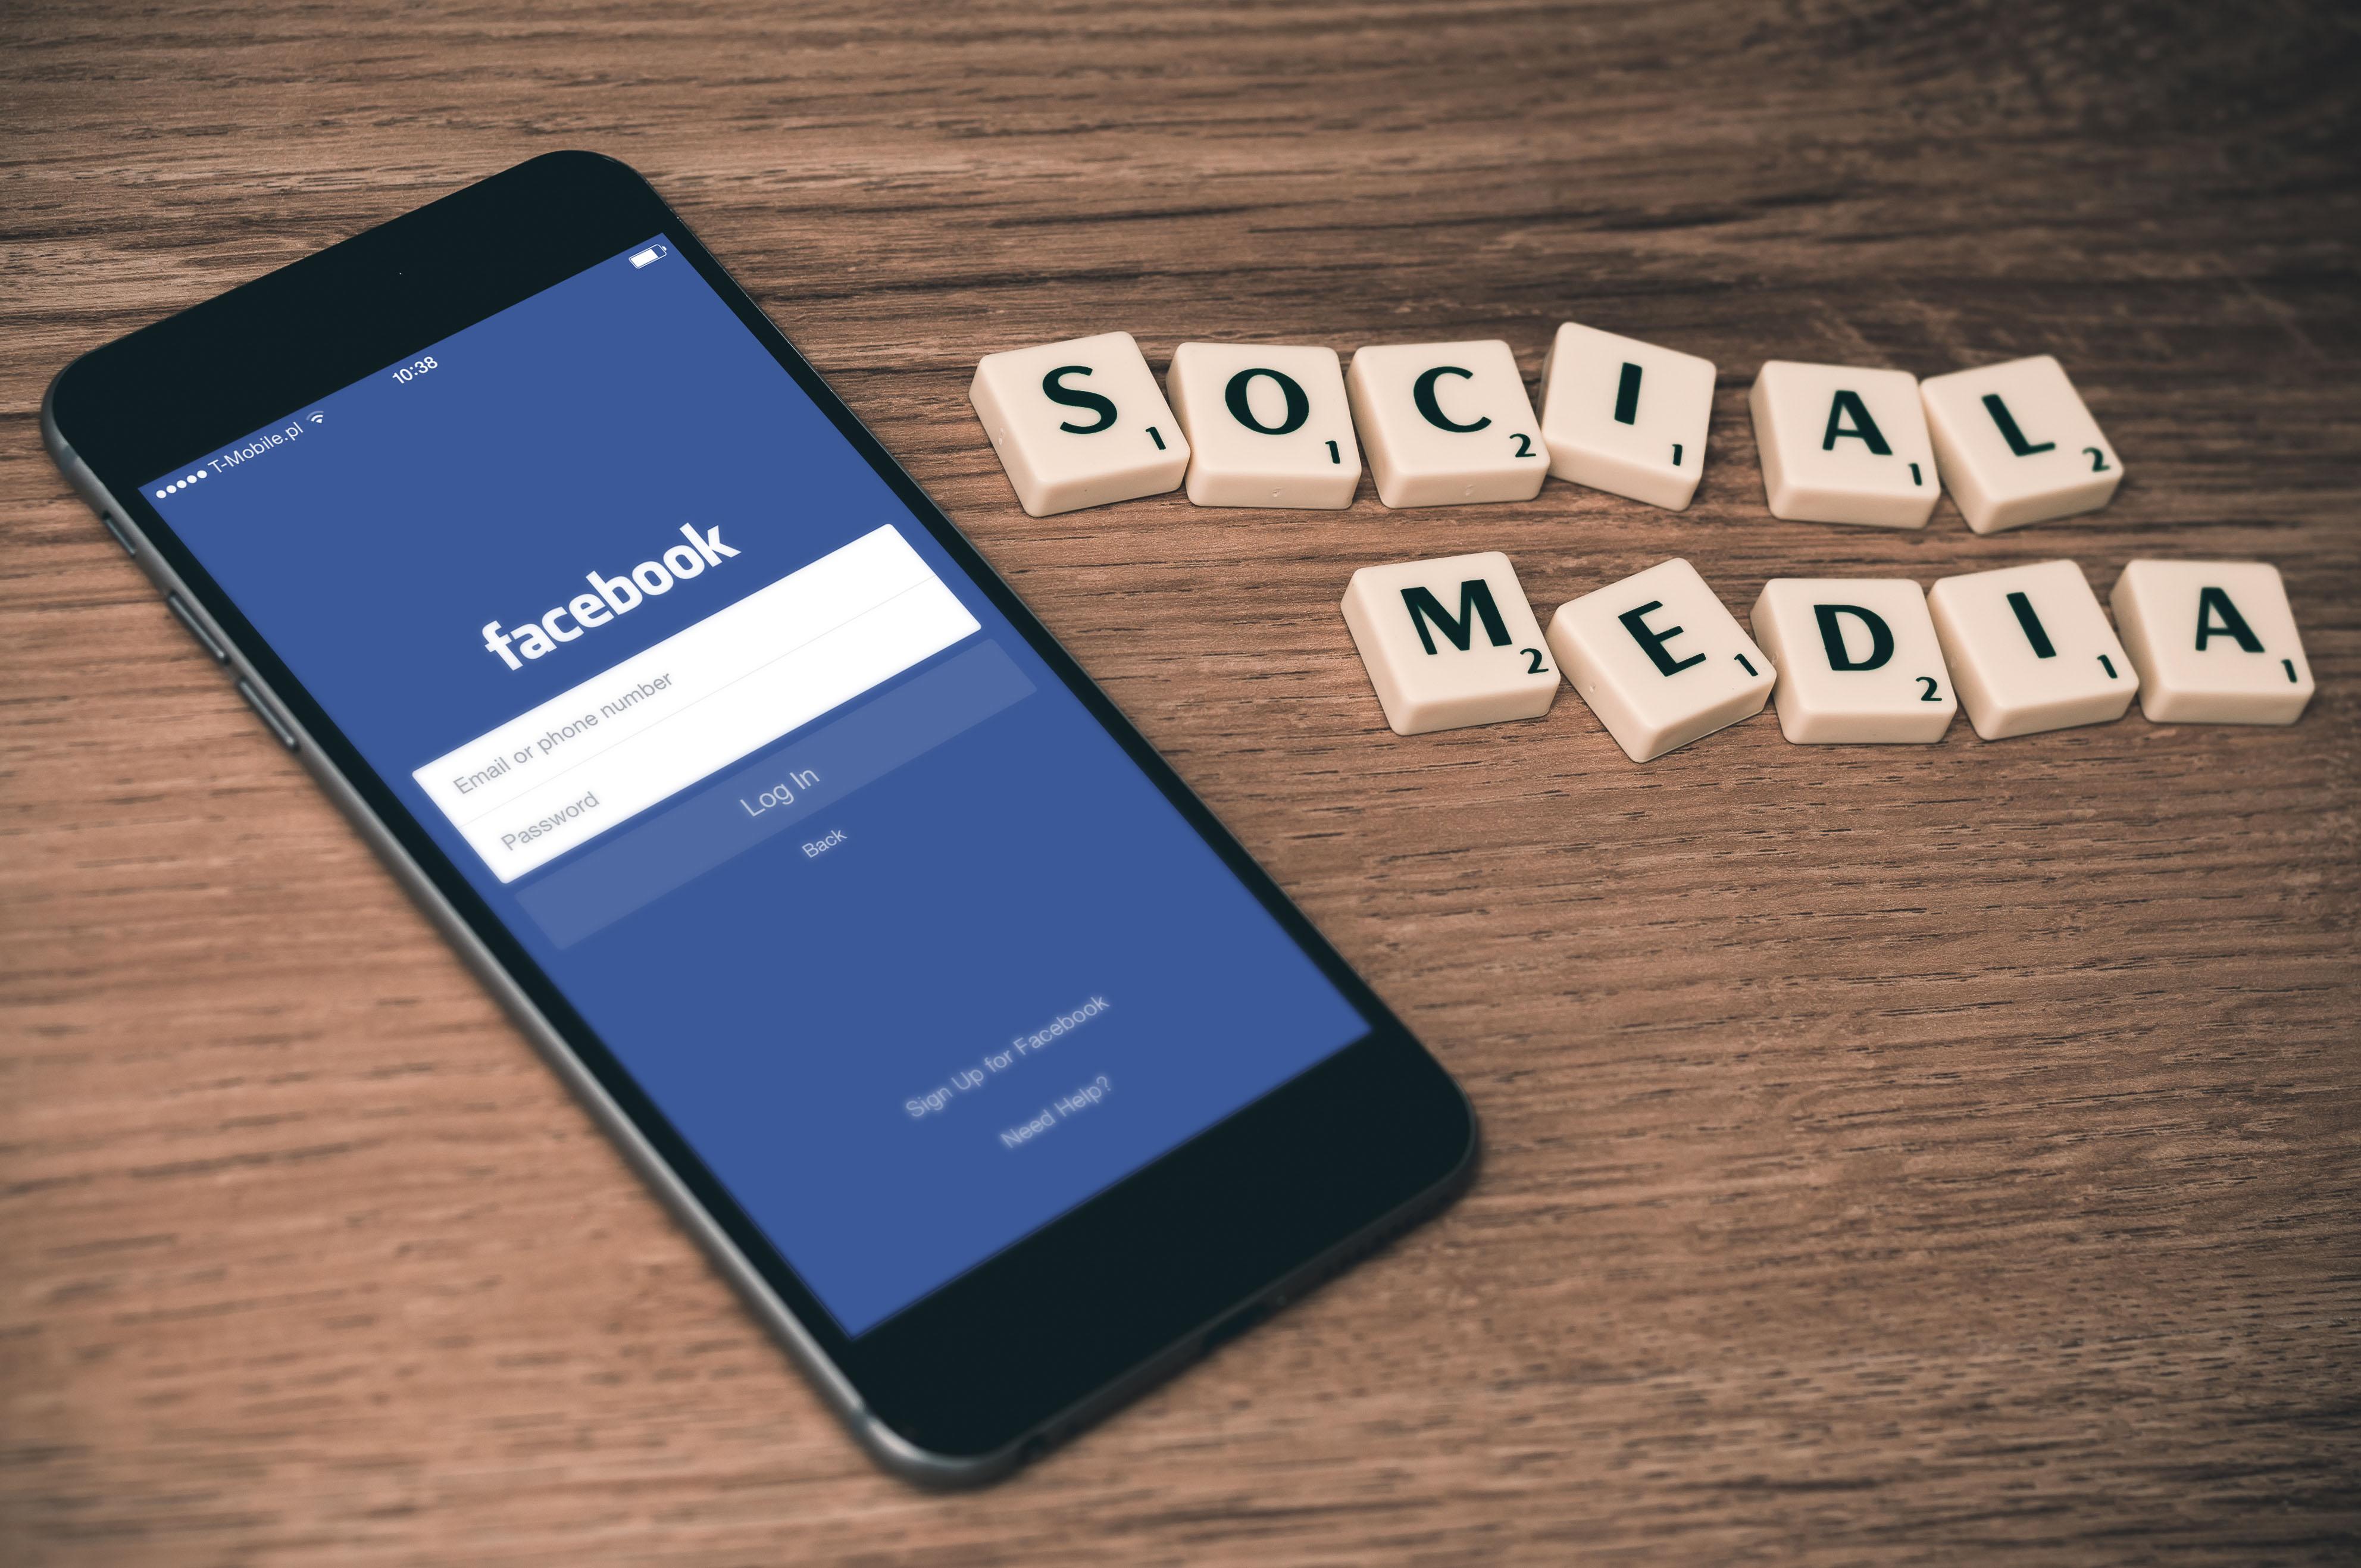 面對風雲變色的社群媒體,我們應該做些什麼?